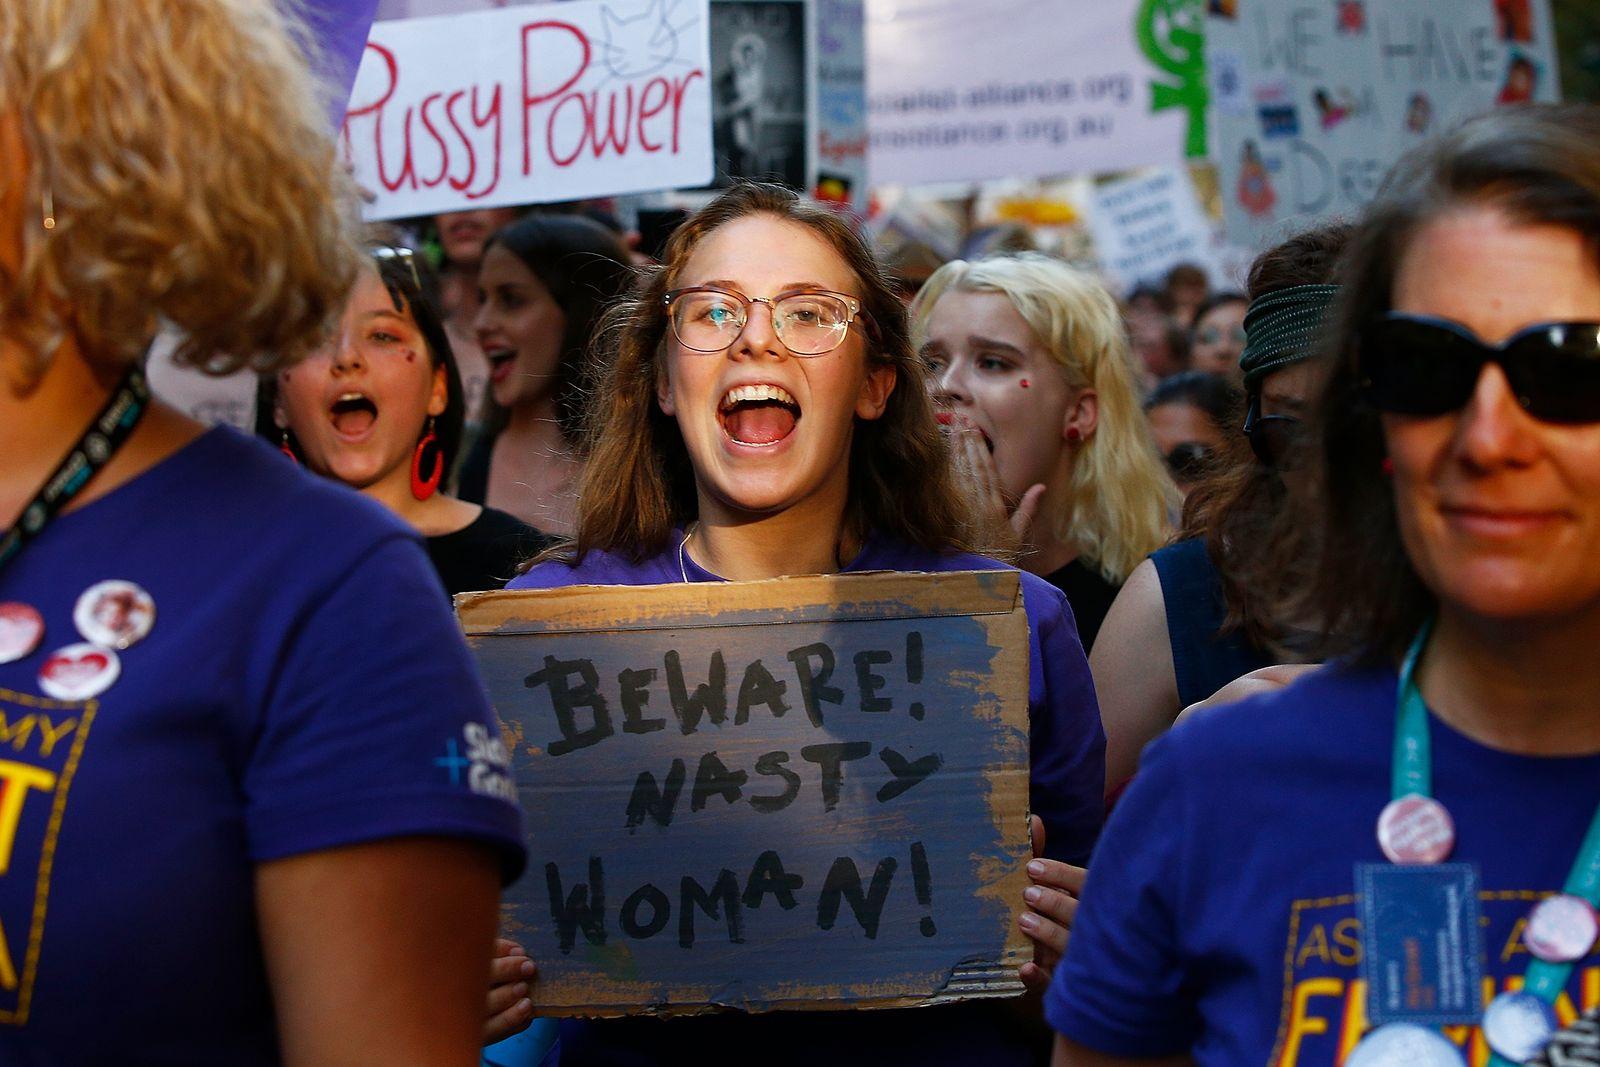 Frauentag Australien